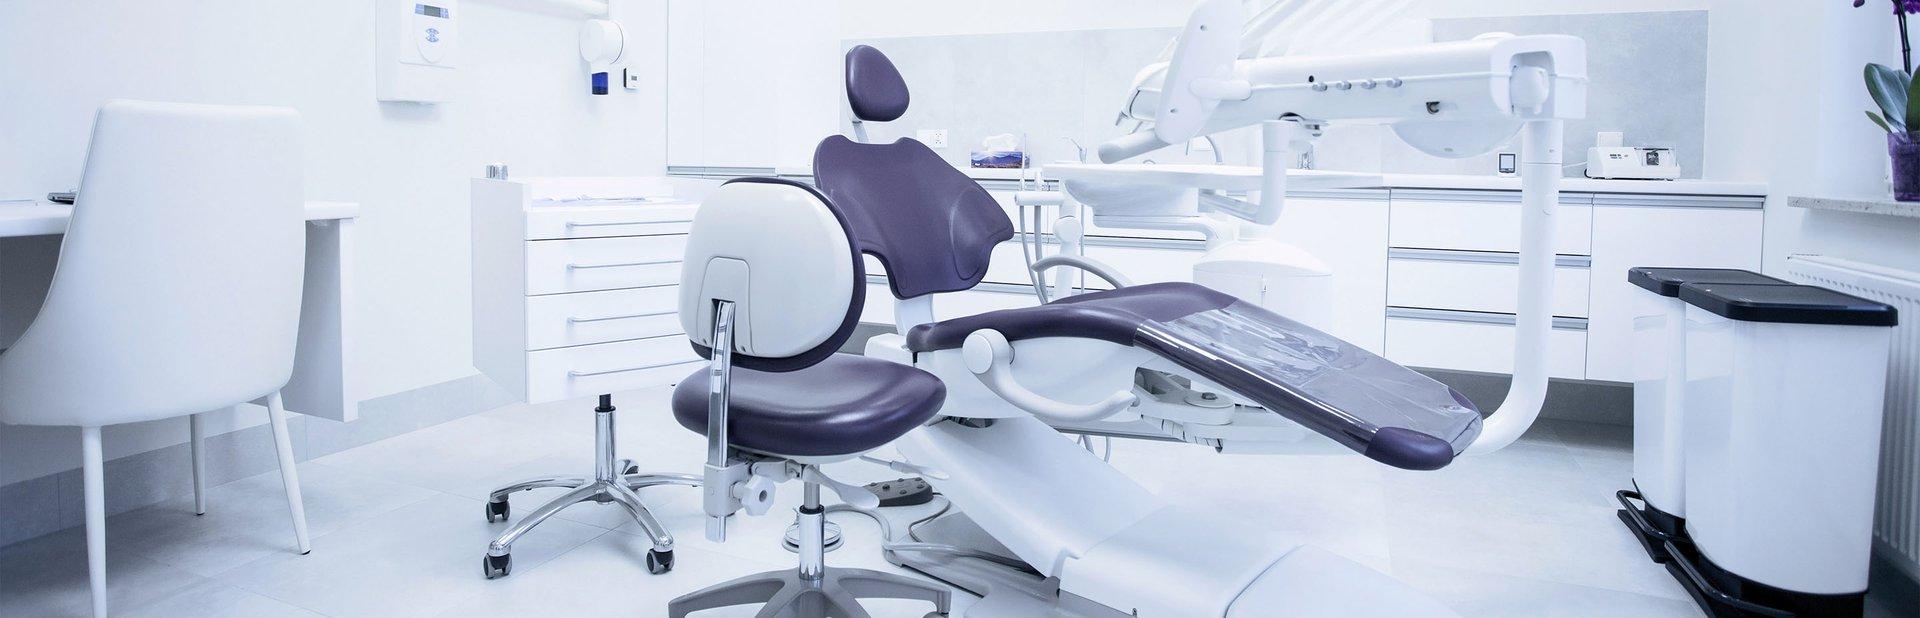 Curso de Experto en Láser Odontológico y Nuevas Tecnologías